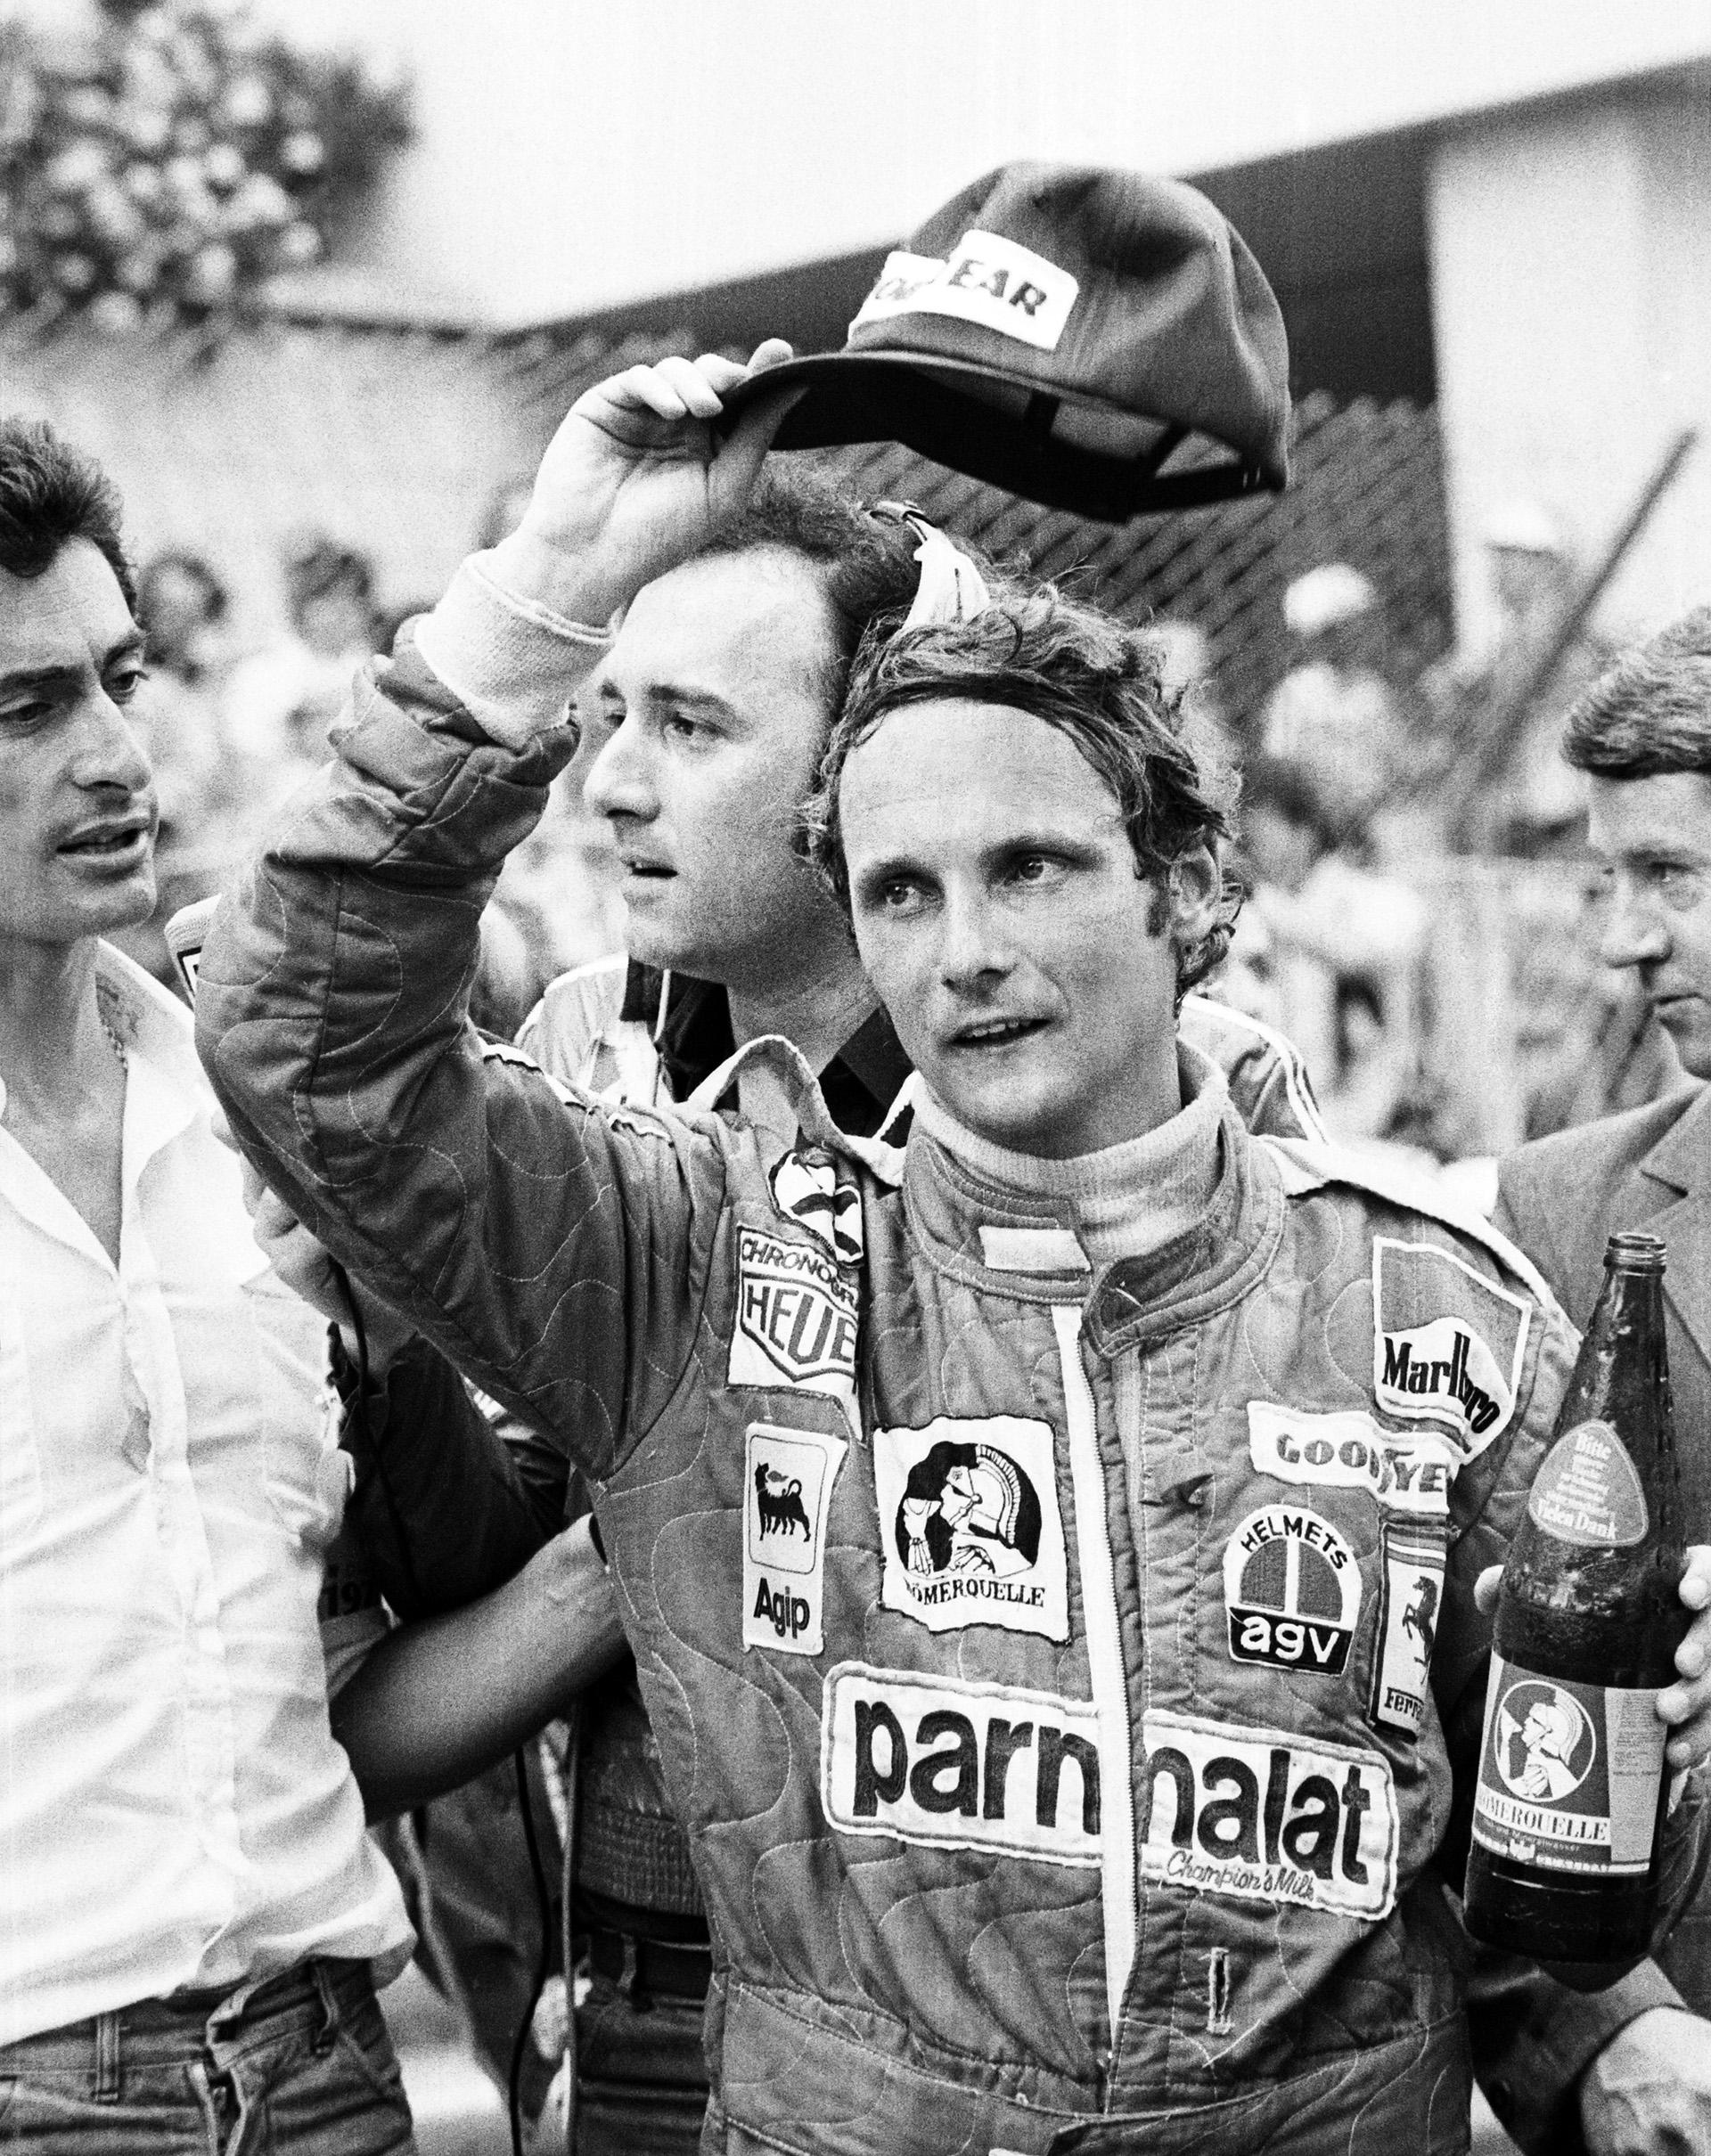 Lauda fue un enorme piloto en una época en que sobresalir no era tan sencillo. Tenía un talento poco vistoso. Lo suyo no eran las grandes maniobras, ni los sobrepasos alocados. Era un ingeniero puesto tras un volante